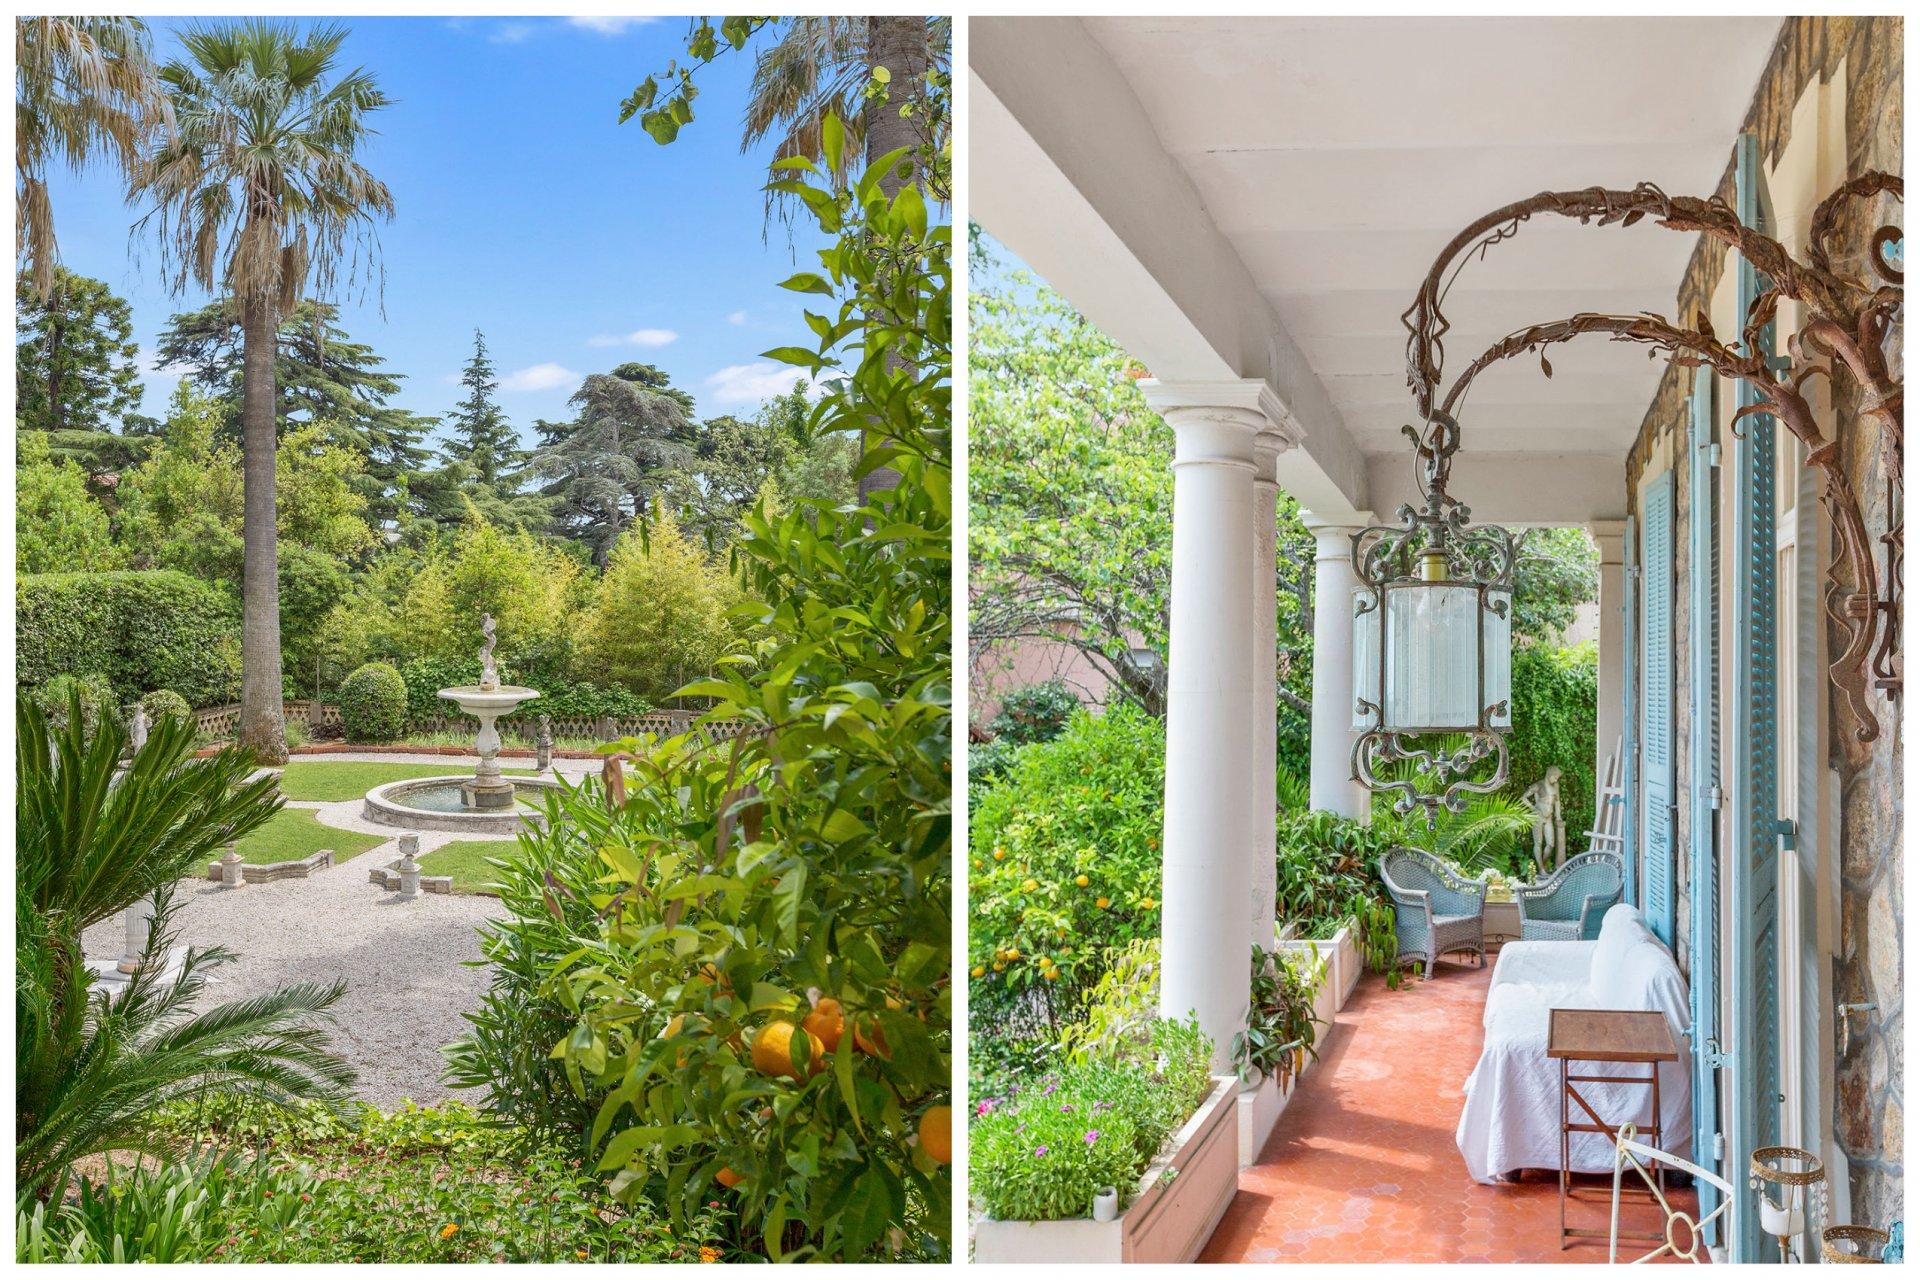 Ravissant appartement 5P de caractère exceptionnel à vendre avec magnifique jardin privé dans un ancien hôtel particulier à 5 minutes à pied des plages à Cannes